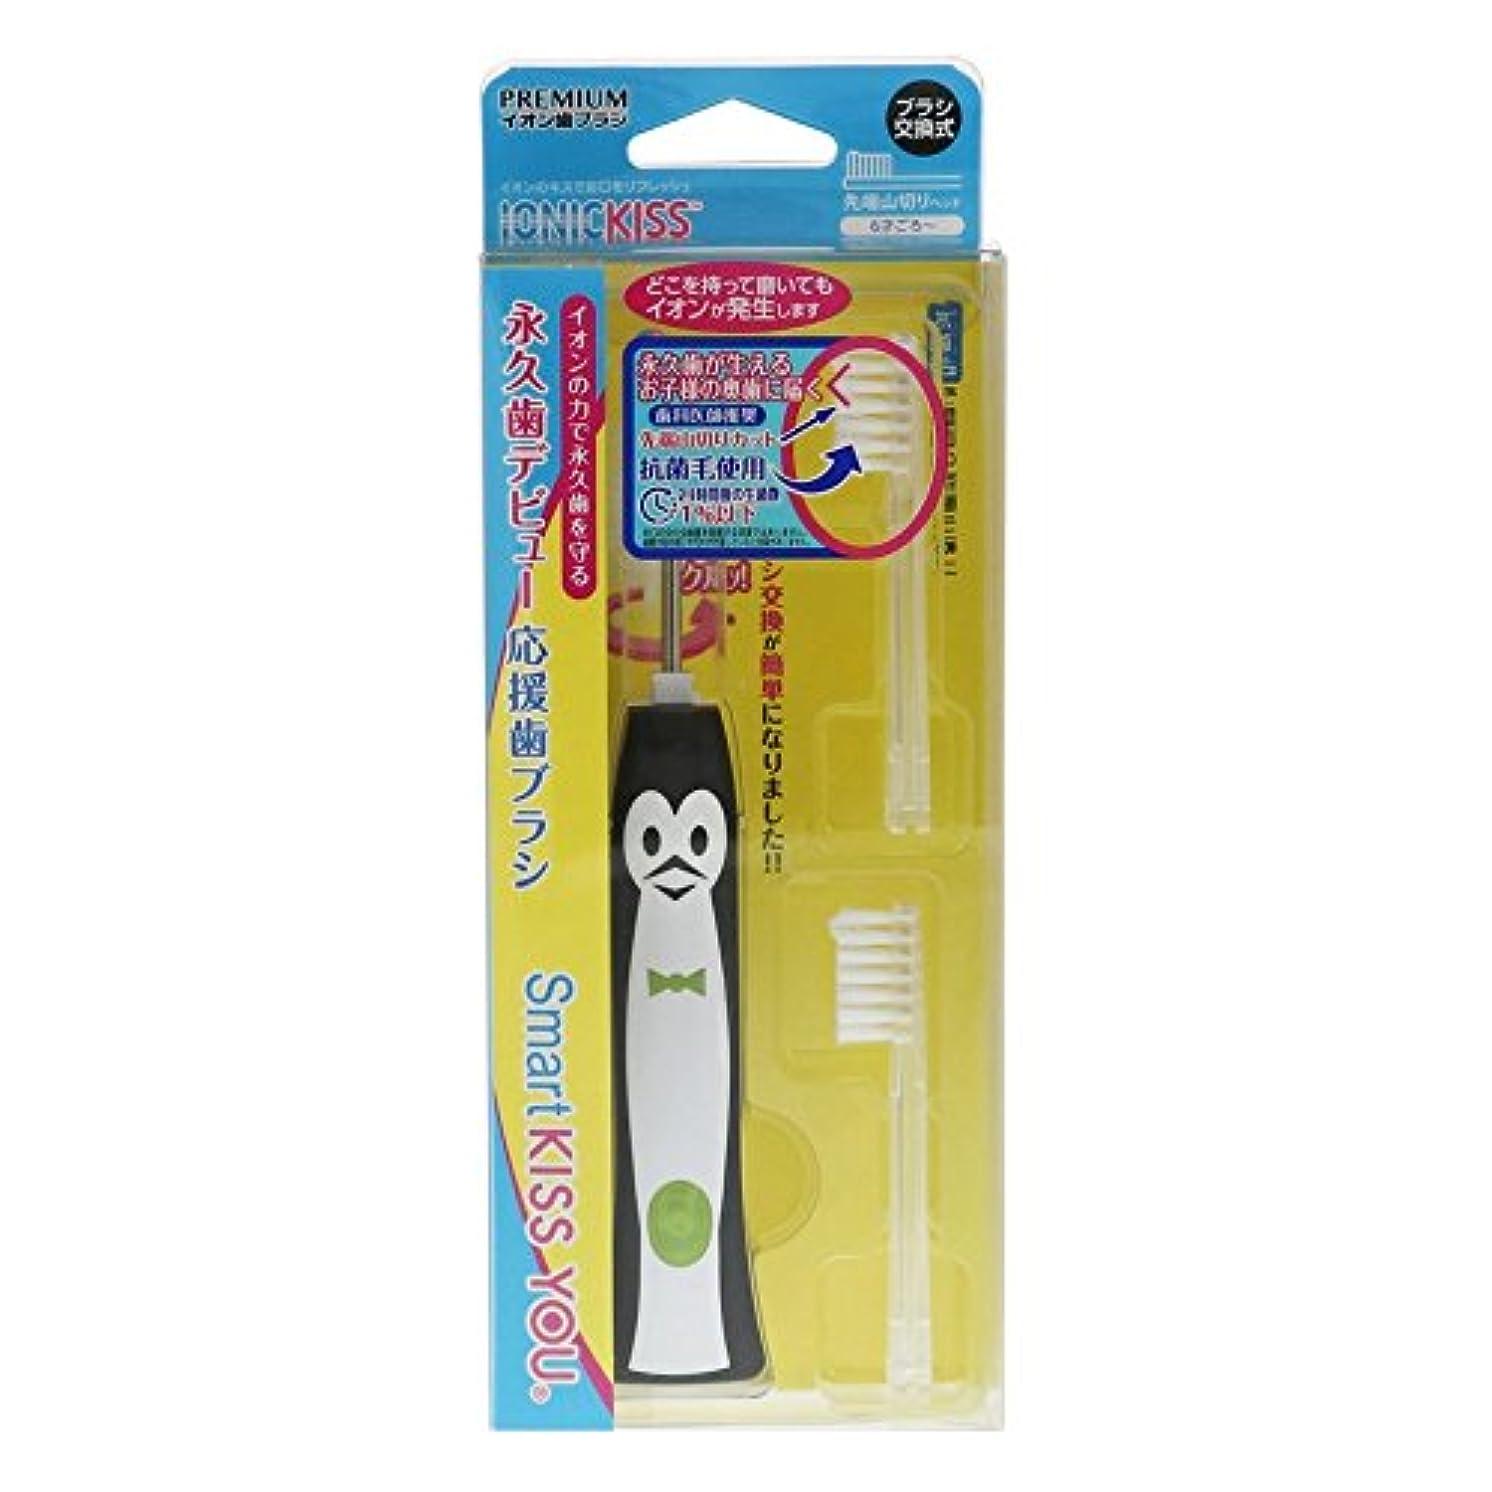 カプセル品種費やすスマート キスユー 子供歯ブラシ 本体セット (1セット)